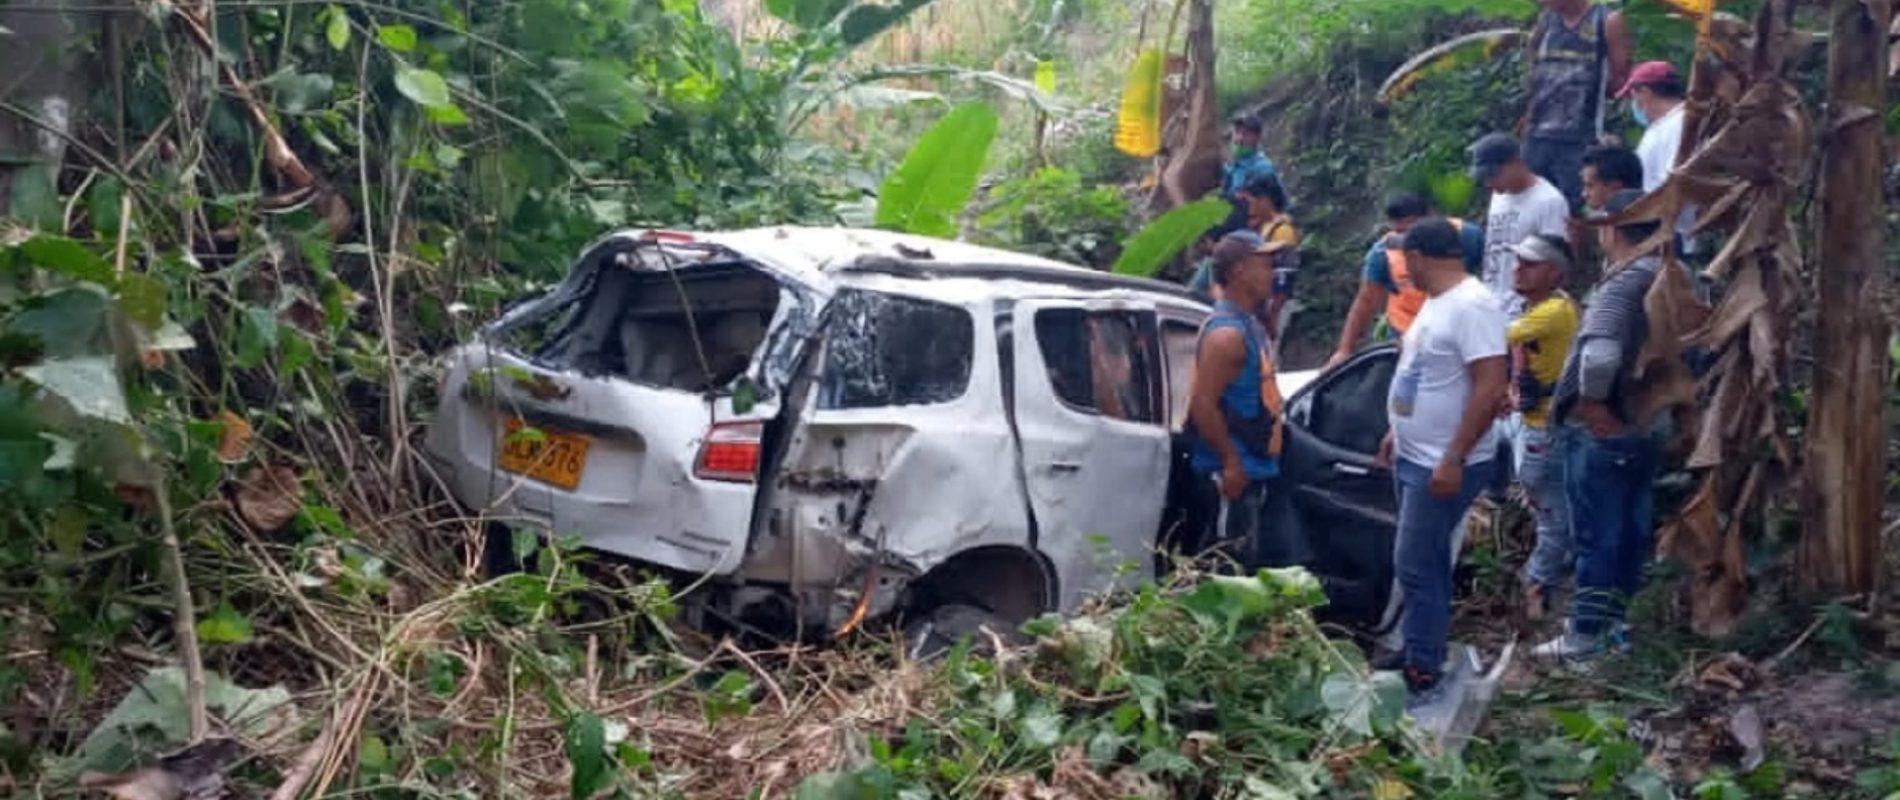 Héctor perdió a toda su familia en un accidente vial: La camioneta en la que iban cayó a un abismo